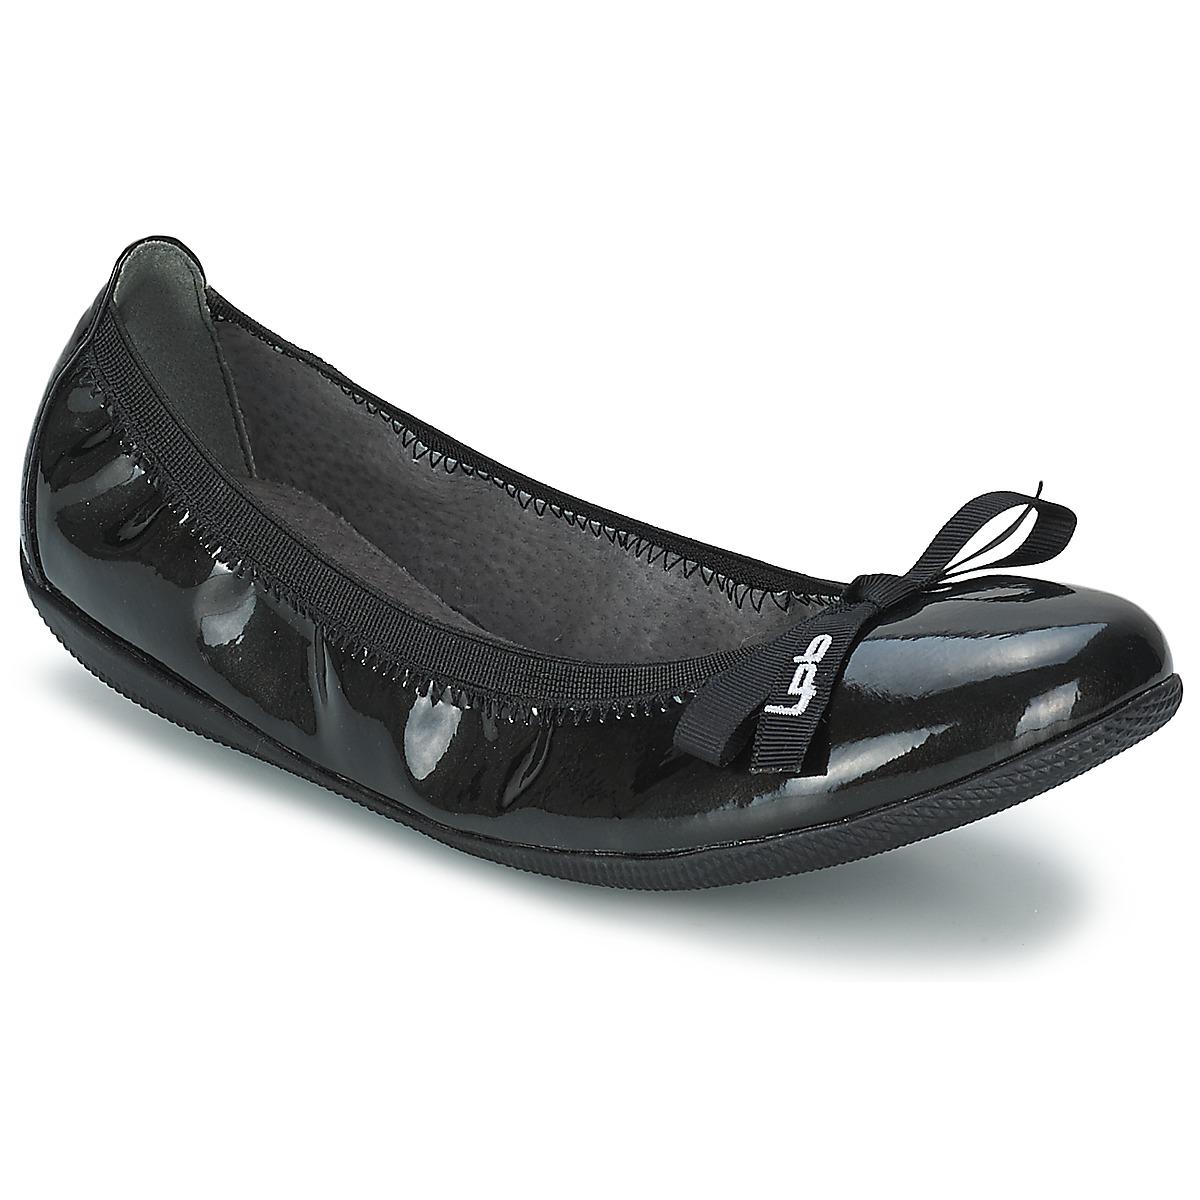 LPB Shoes ELLA VERNIS Schwarz - Kostenloser Versand bei Spartoode ! - Schuhe Ballerinas Damen 31,90 €